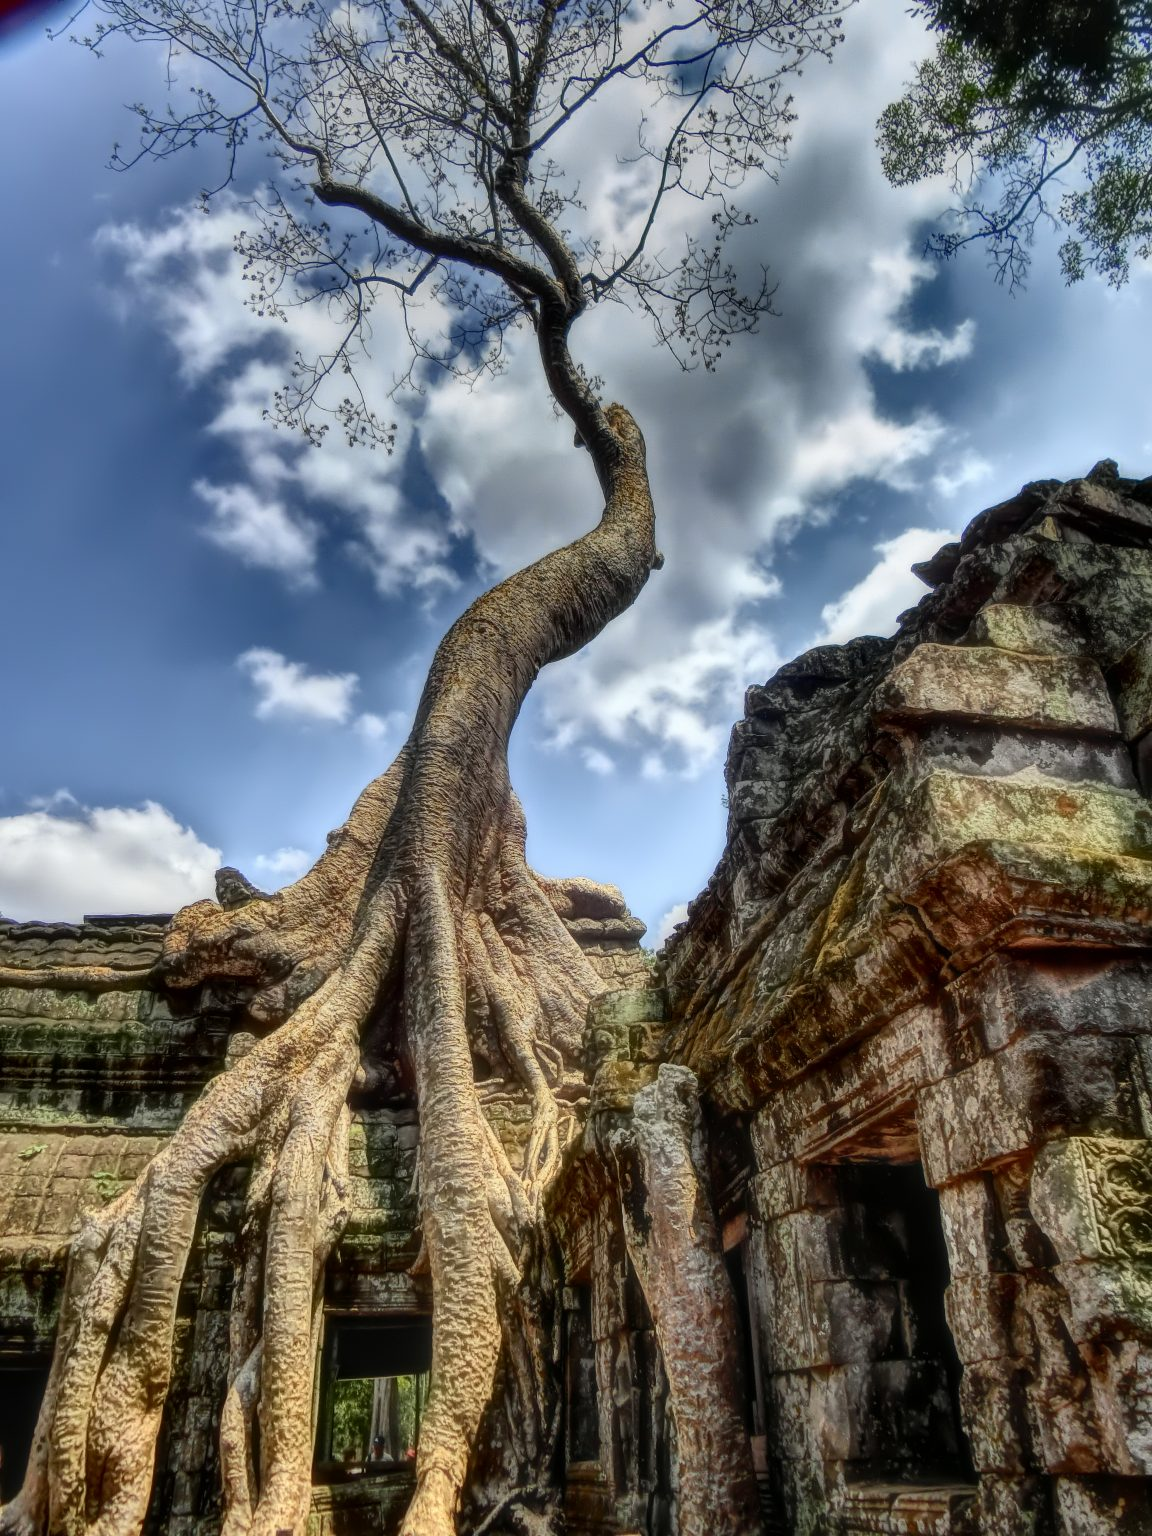 Храмът Ангкор Том, наричан още от местните храмът на Анджелина Джоли, защото точно тук е сниман Томб Райдър.